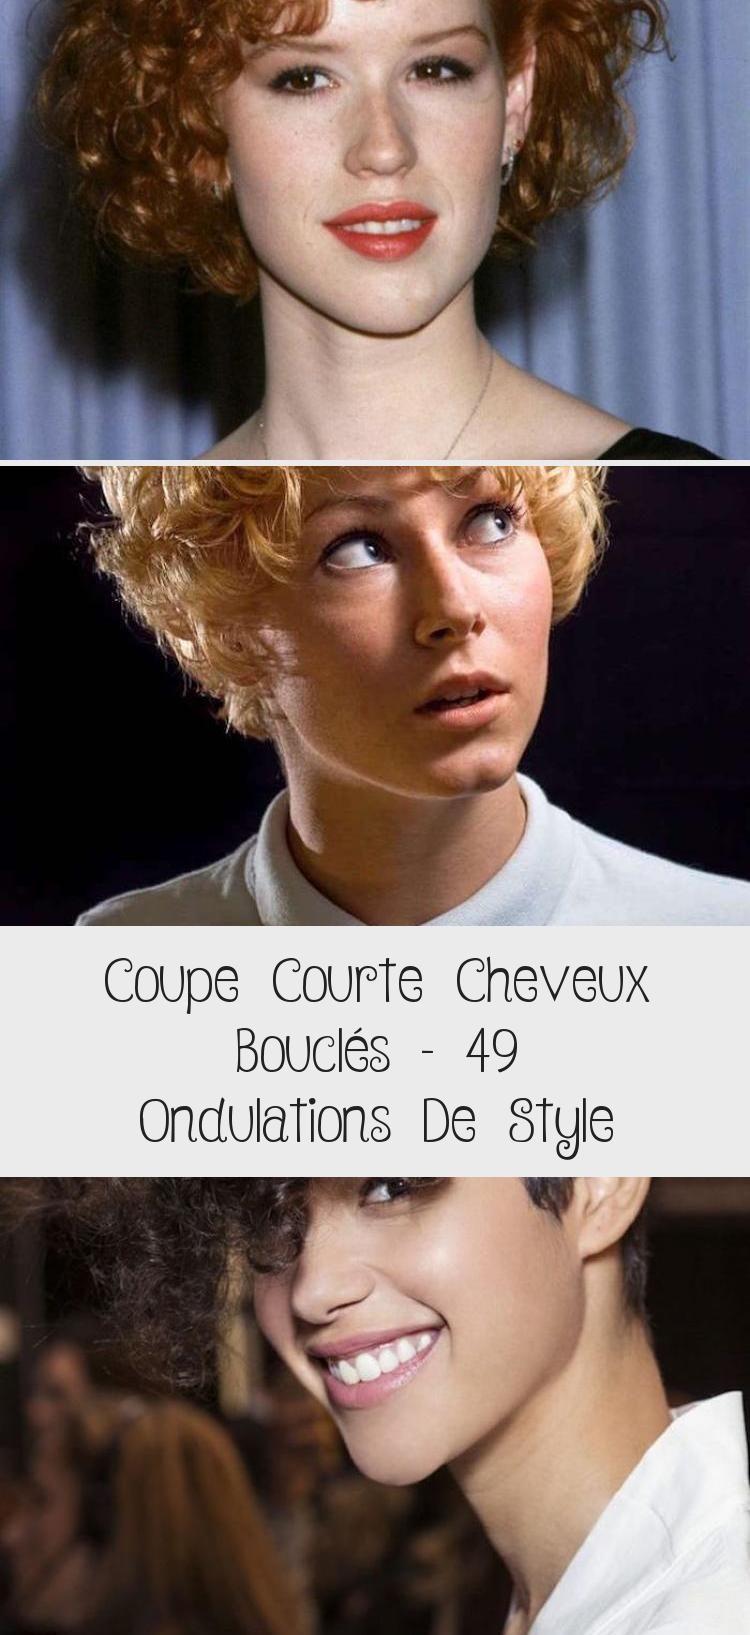 Coupe Courte Cheveux Bouclés - 49 Ondulations De Style | Movie posters